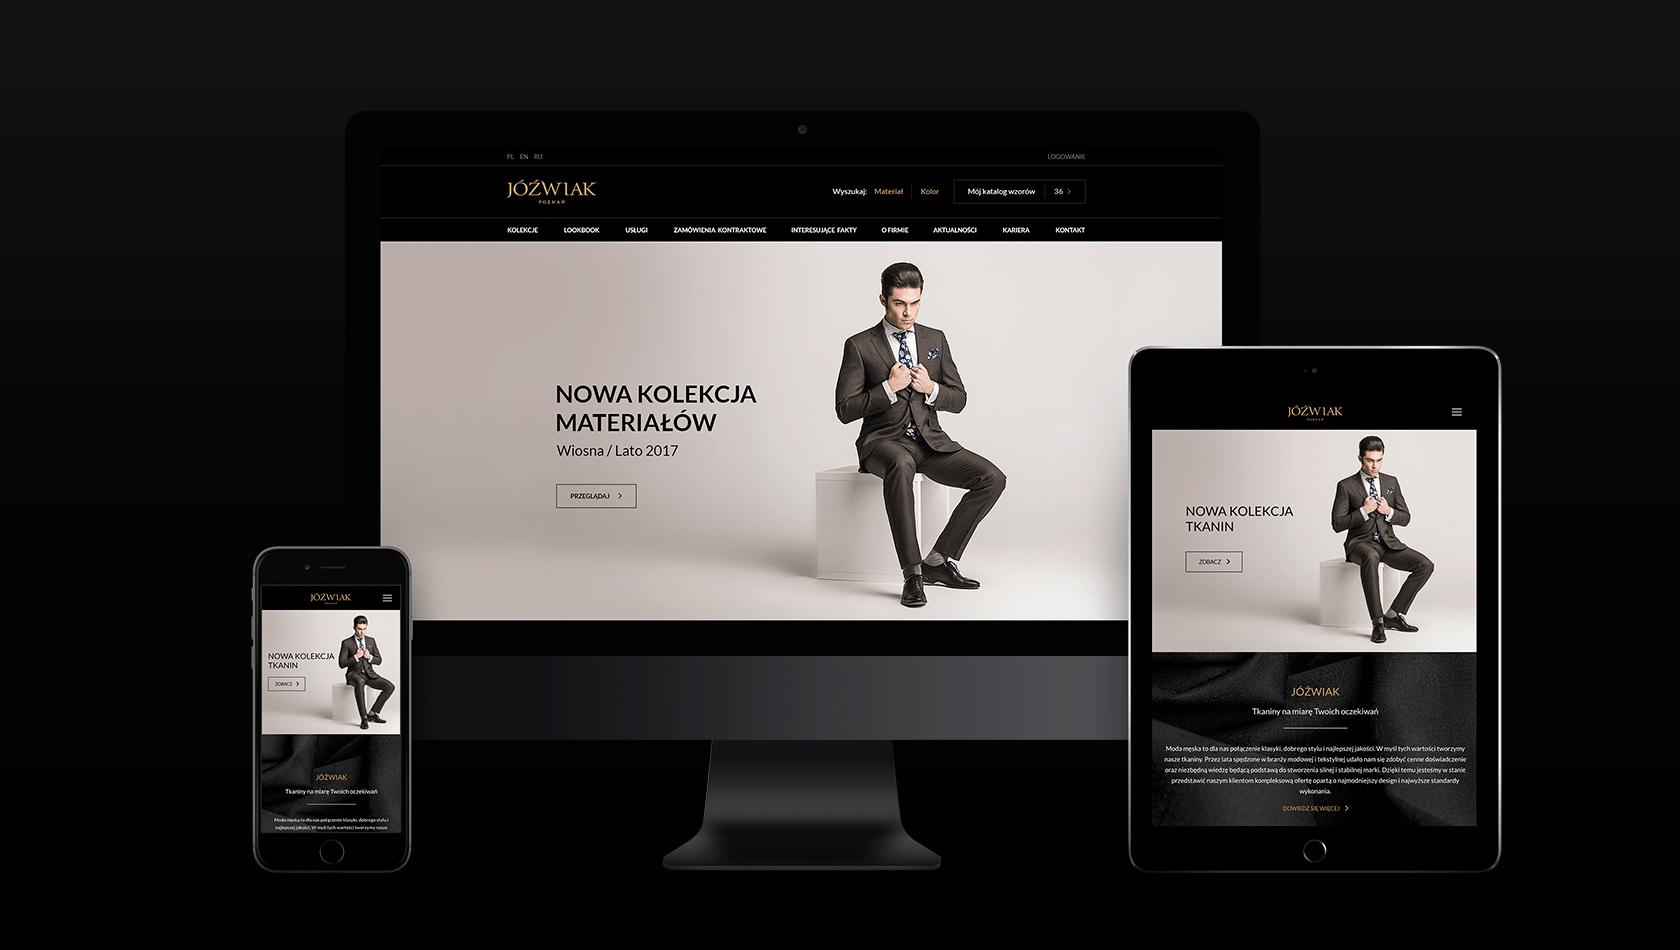 Strona internetowa dla poznańskiego producenta tkanin Jóźwiak